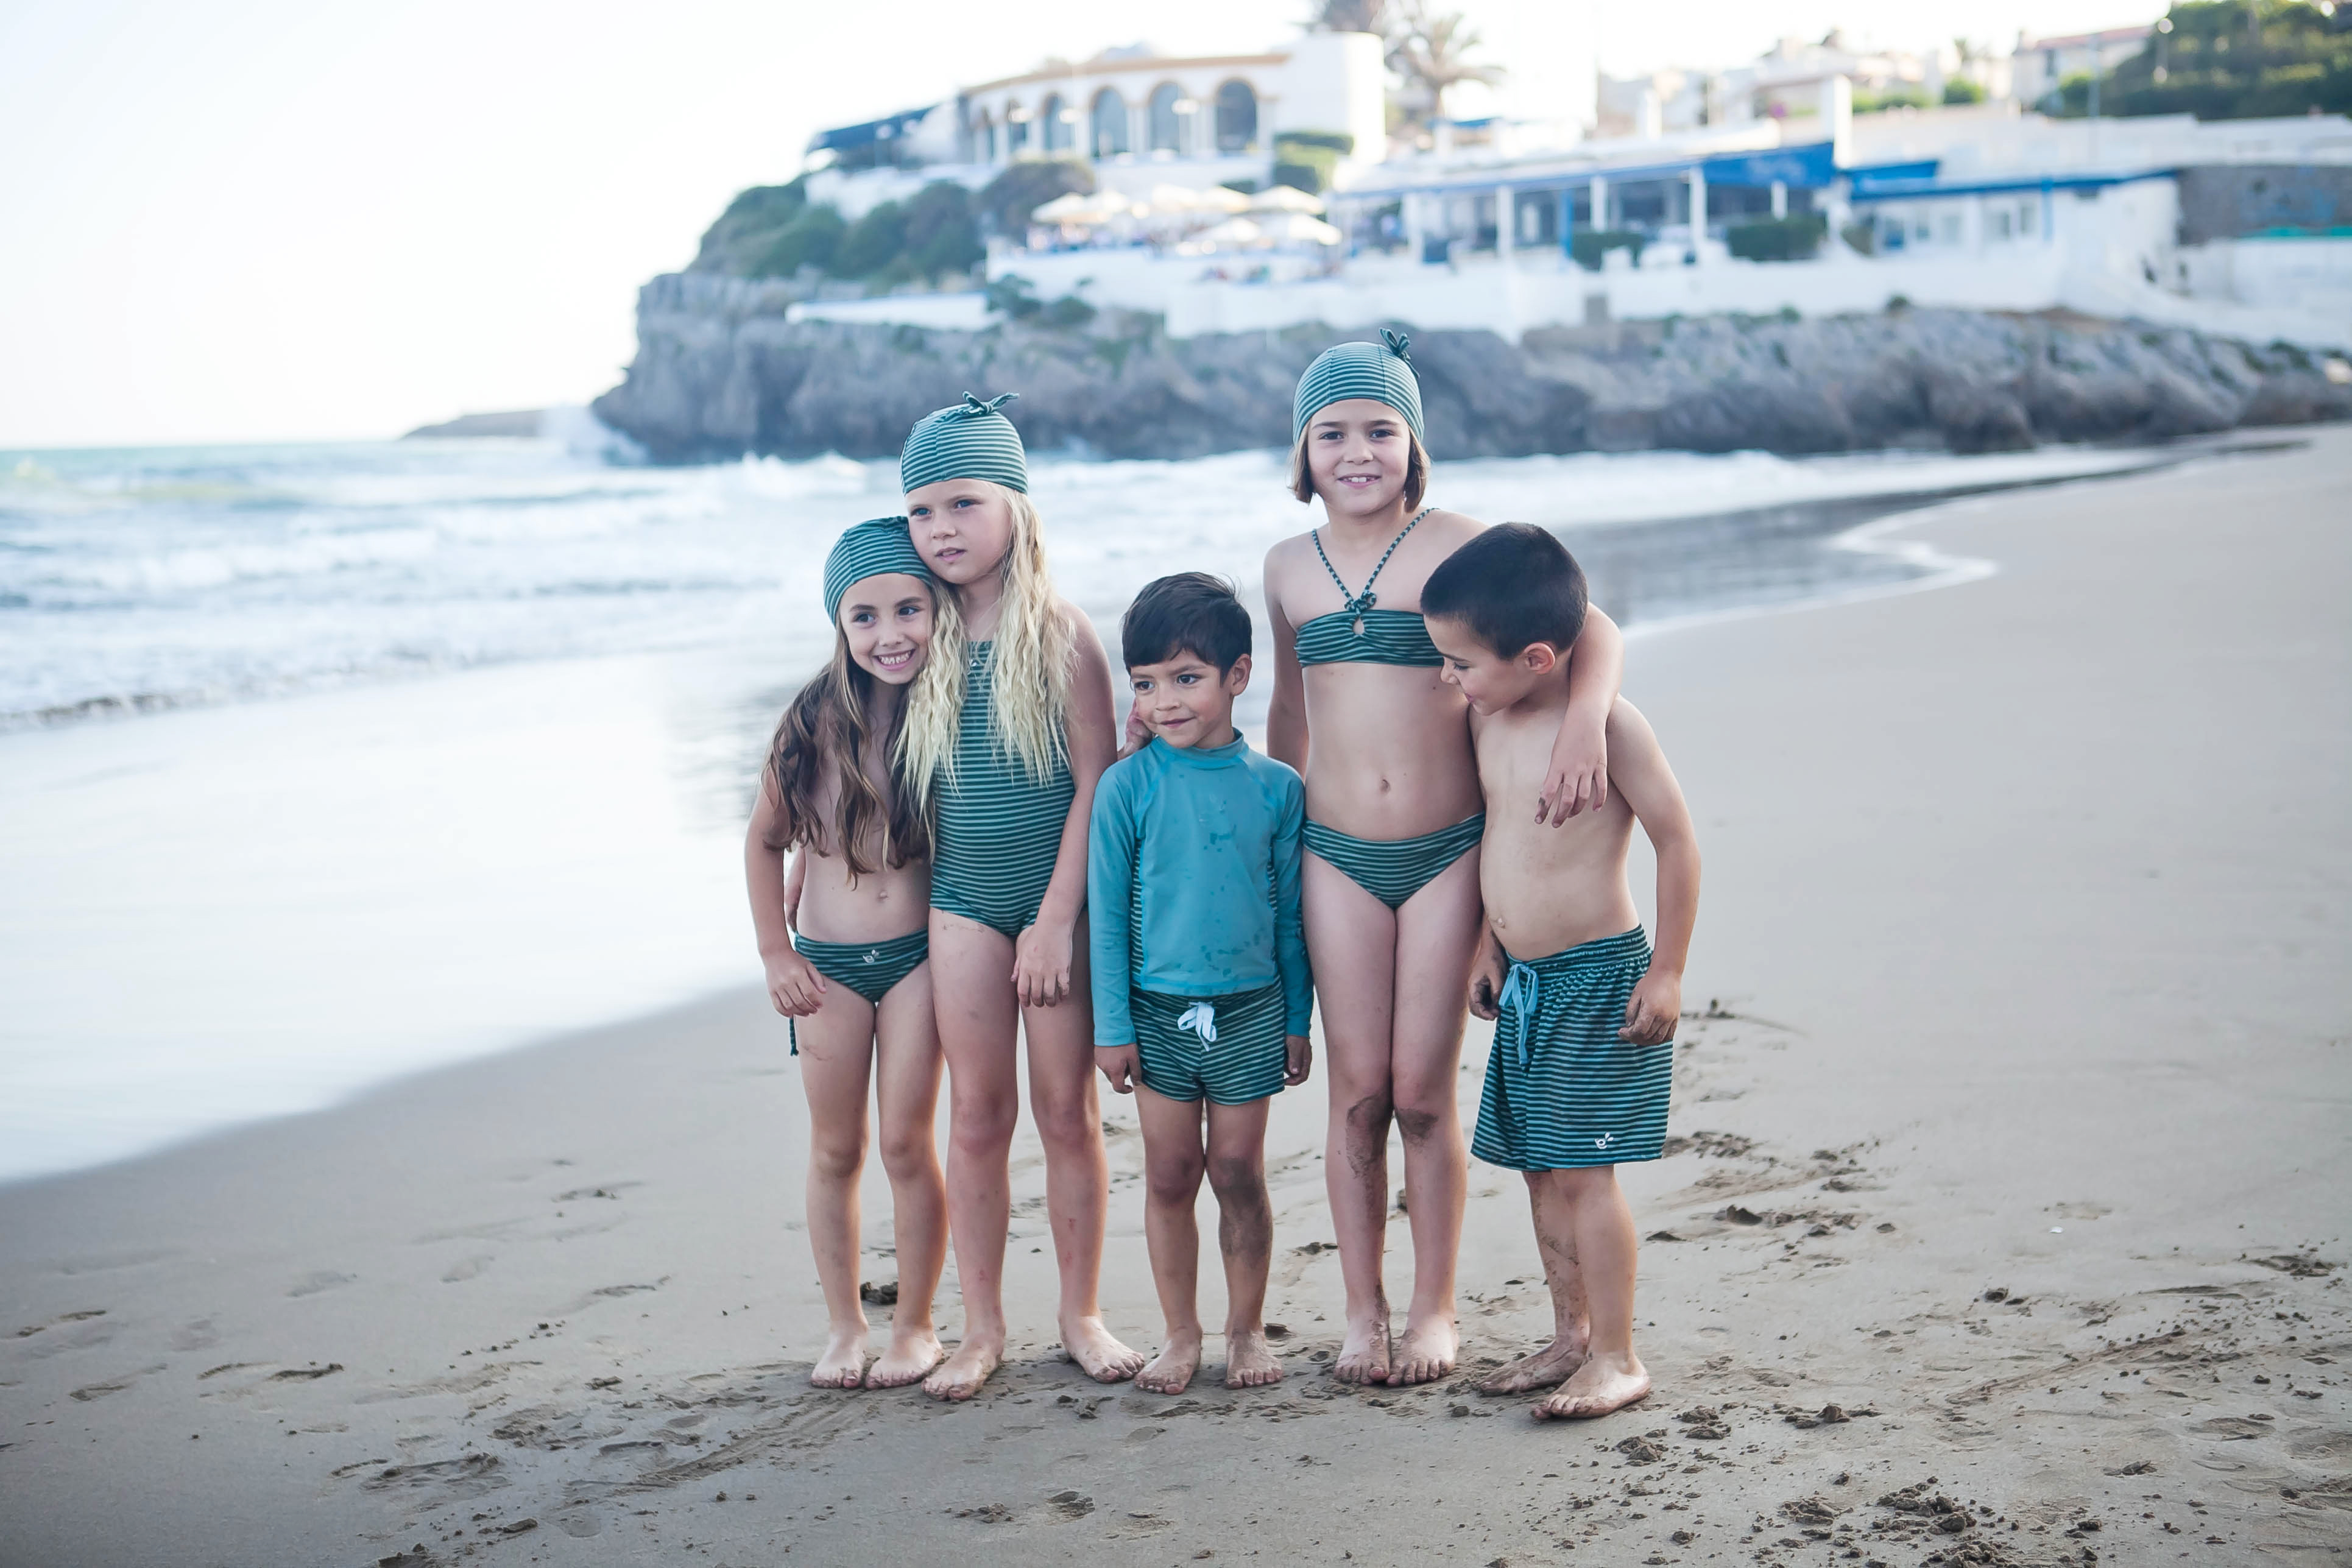 La mejor ropa de baño infantil al 65% de descuento-8264-primeriti